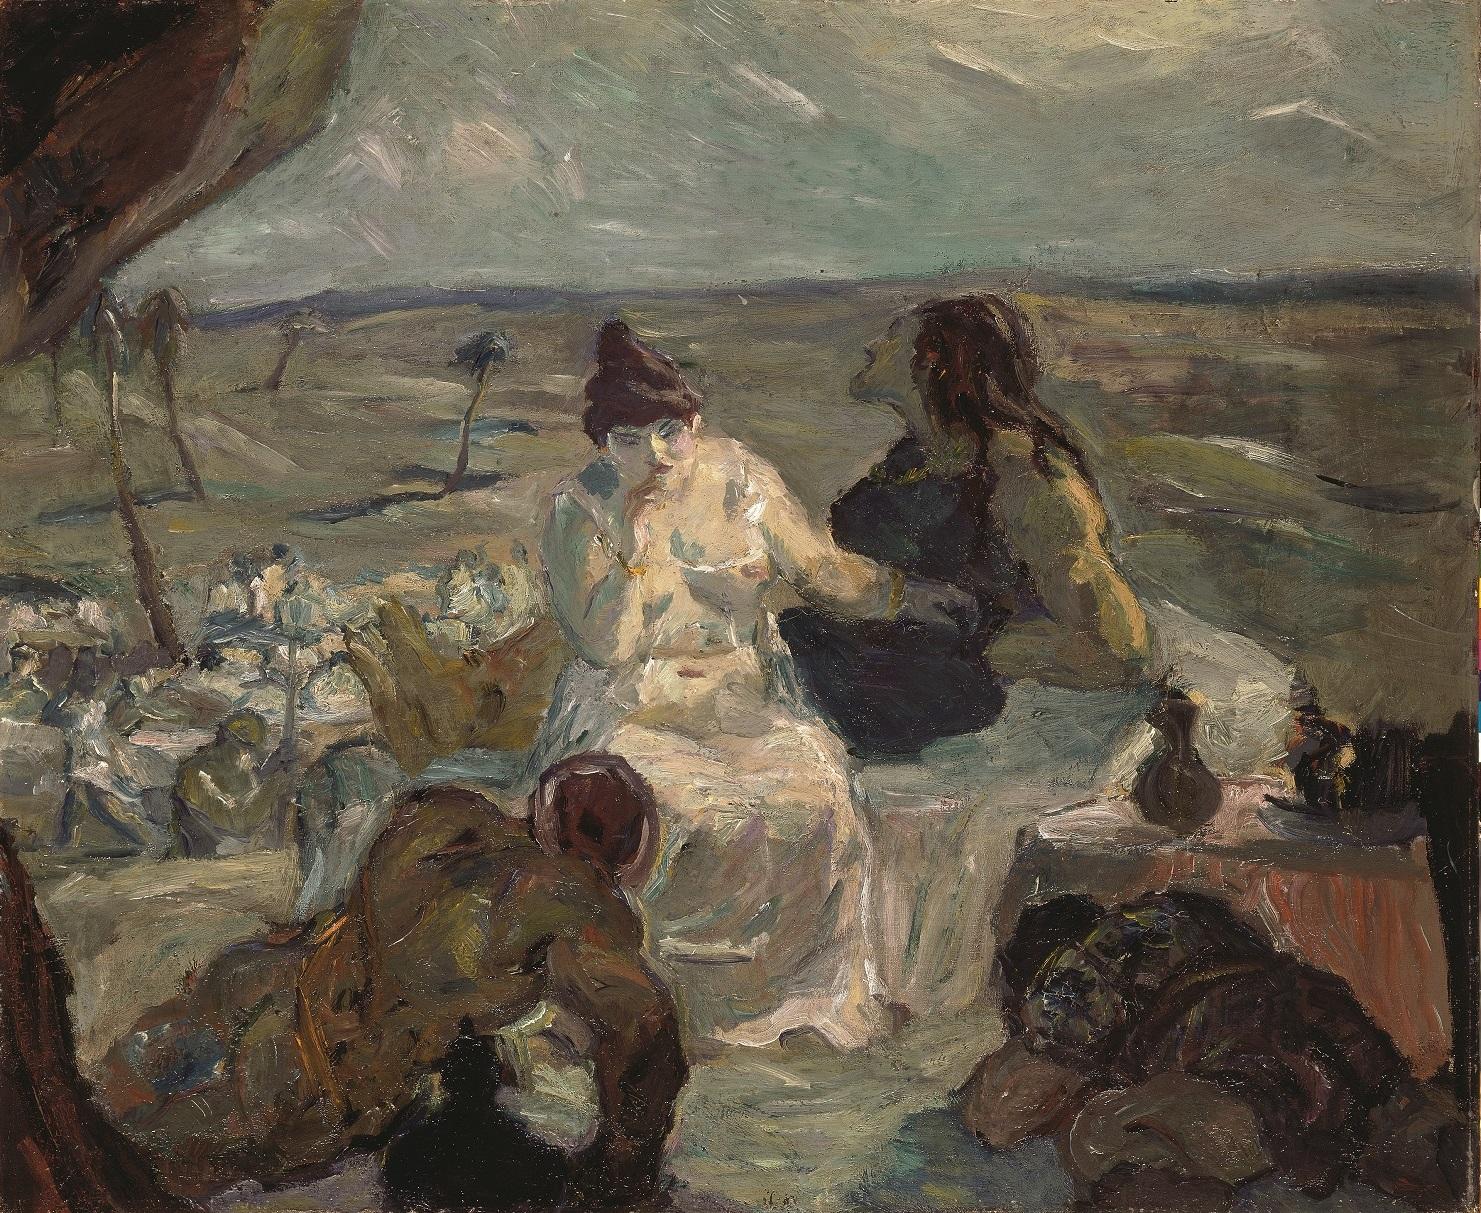 Max Beckmann, Simson und Delilah, 1912, 70,5 x 85,5 cm, © Privatbesitz,  © VG Bild-Kunst, Bonn 2020